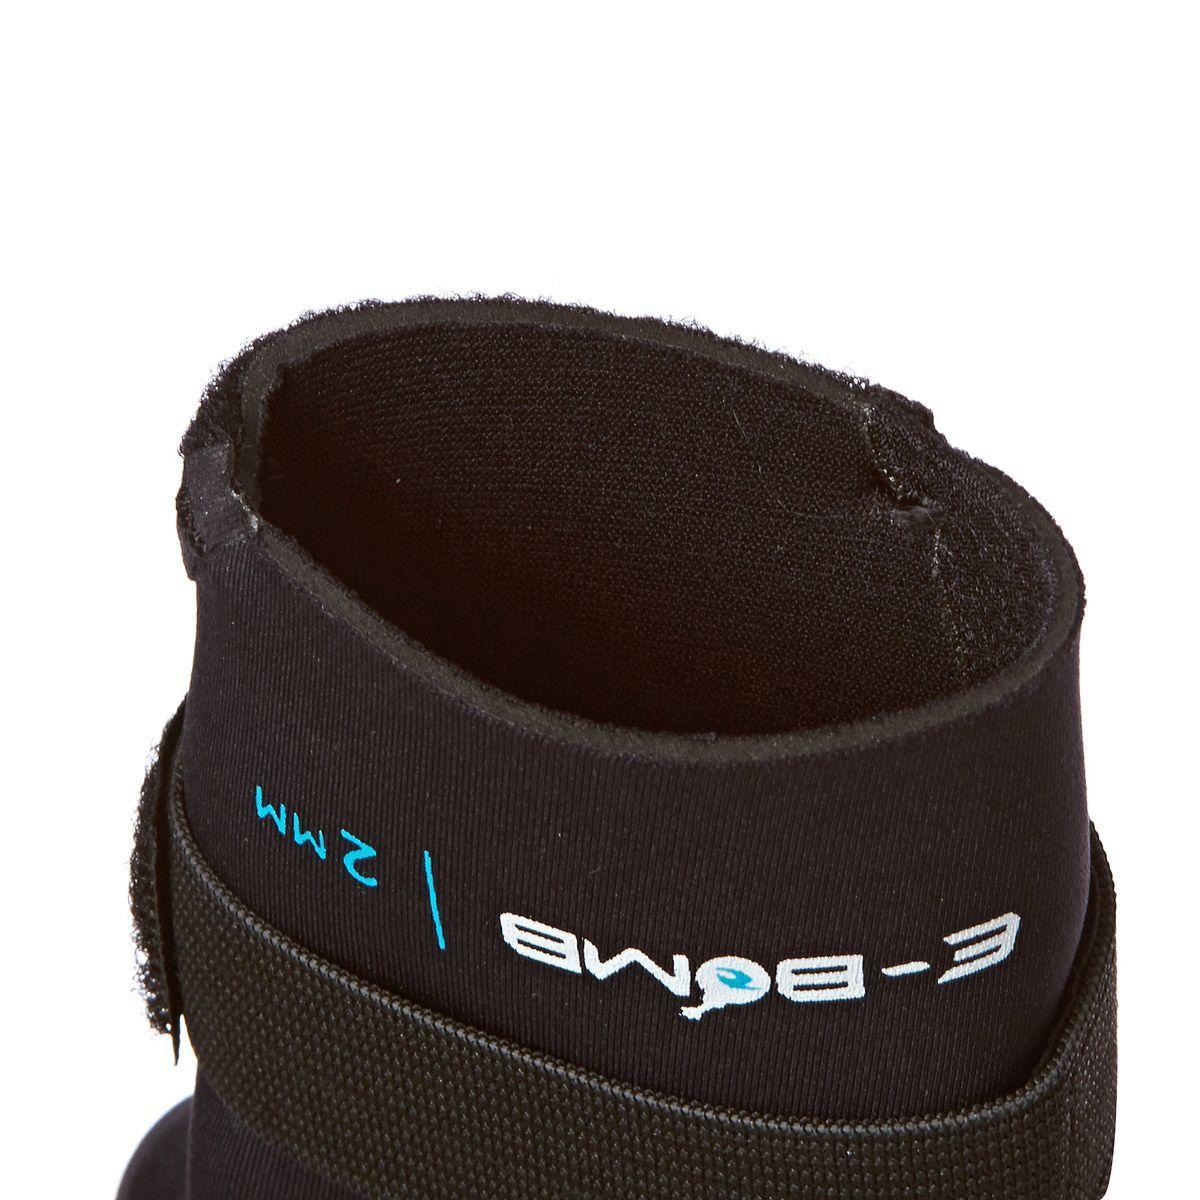 Luva de Neoprene Rip Curl E-Bomb 2mm